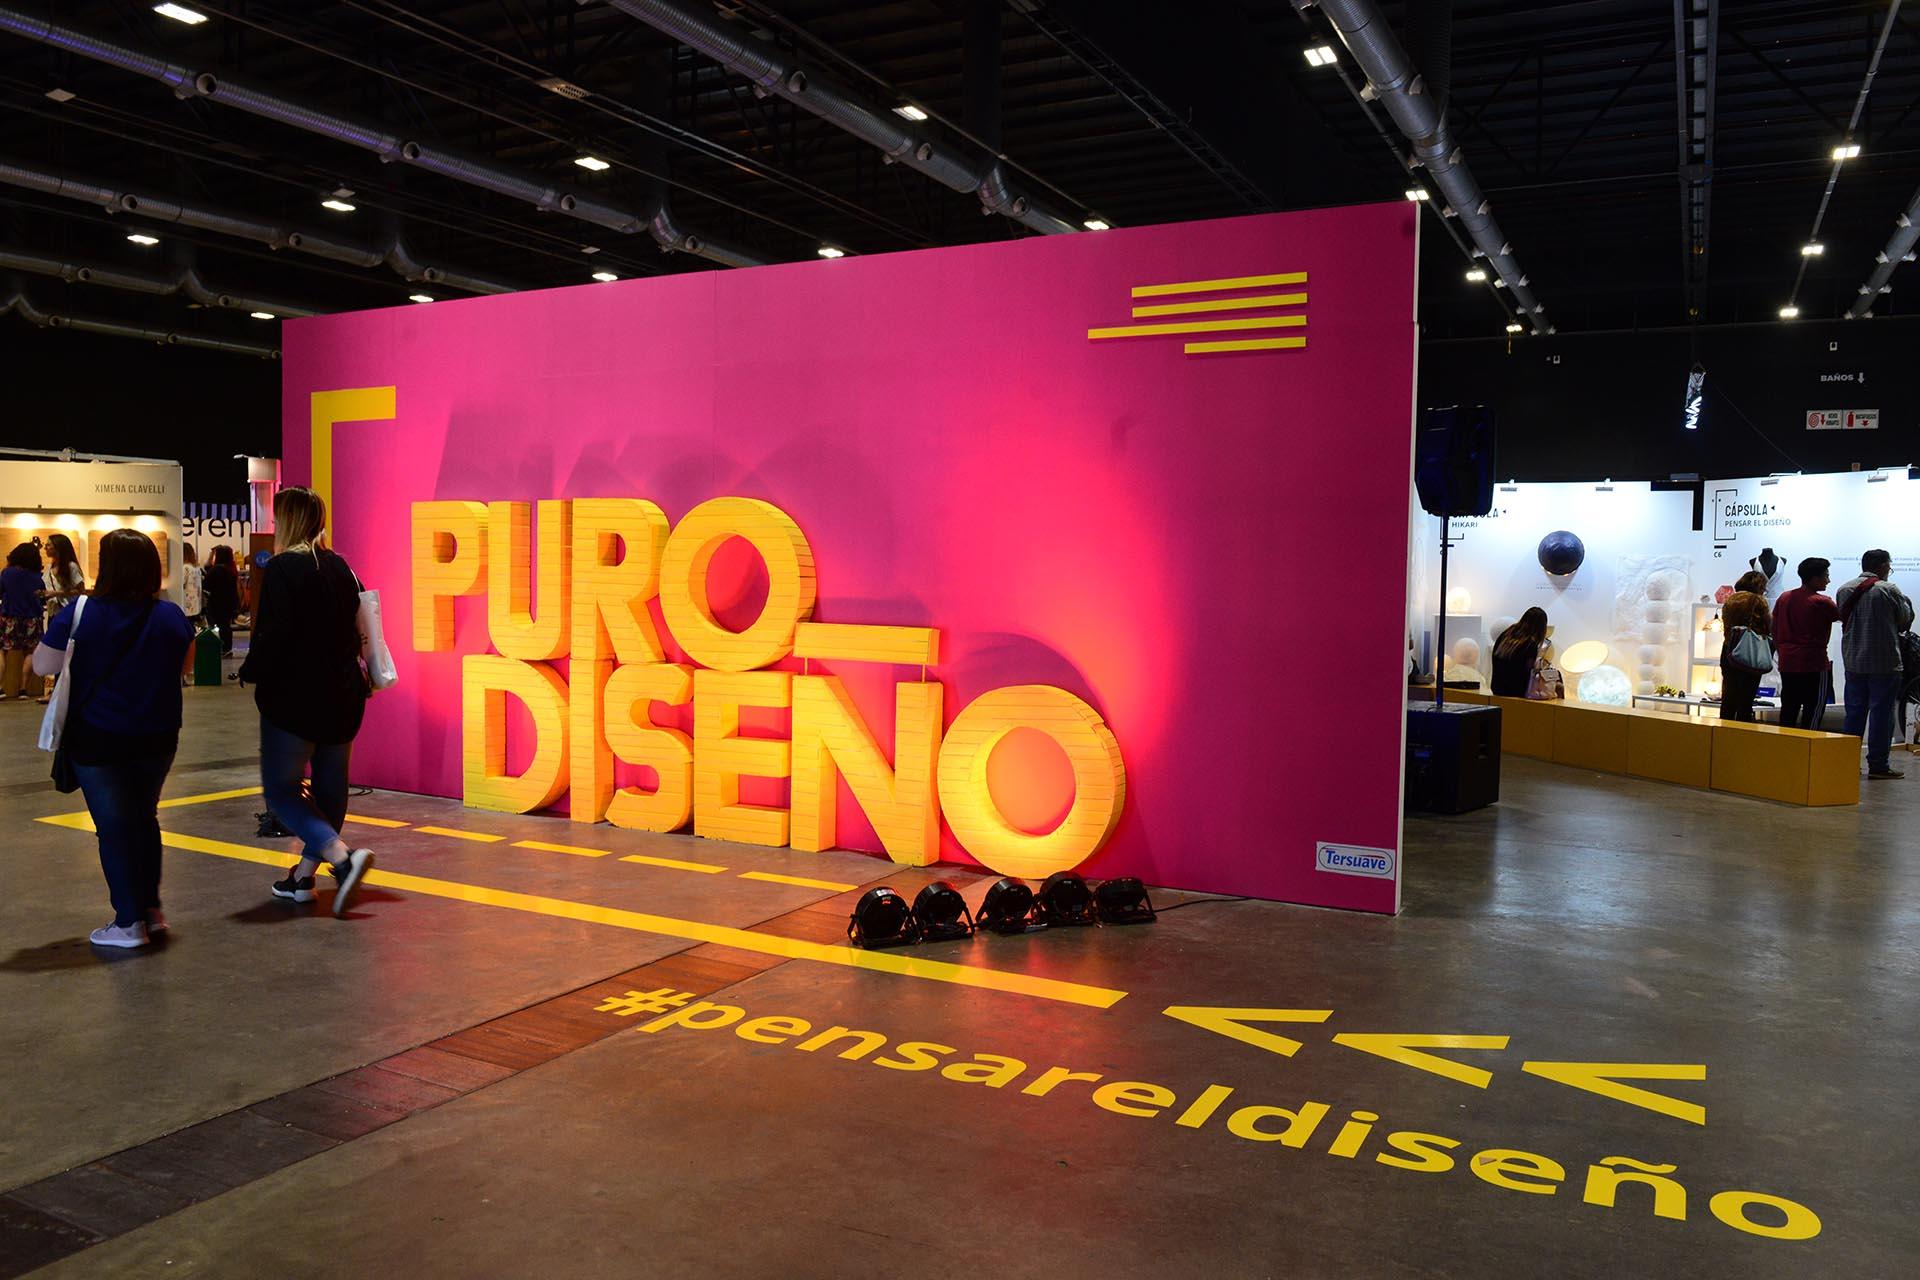 Colores vibrantes by Tersuave en la entrada de PuroDiseño 2019.